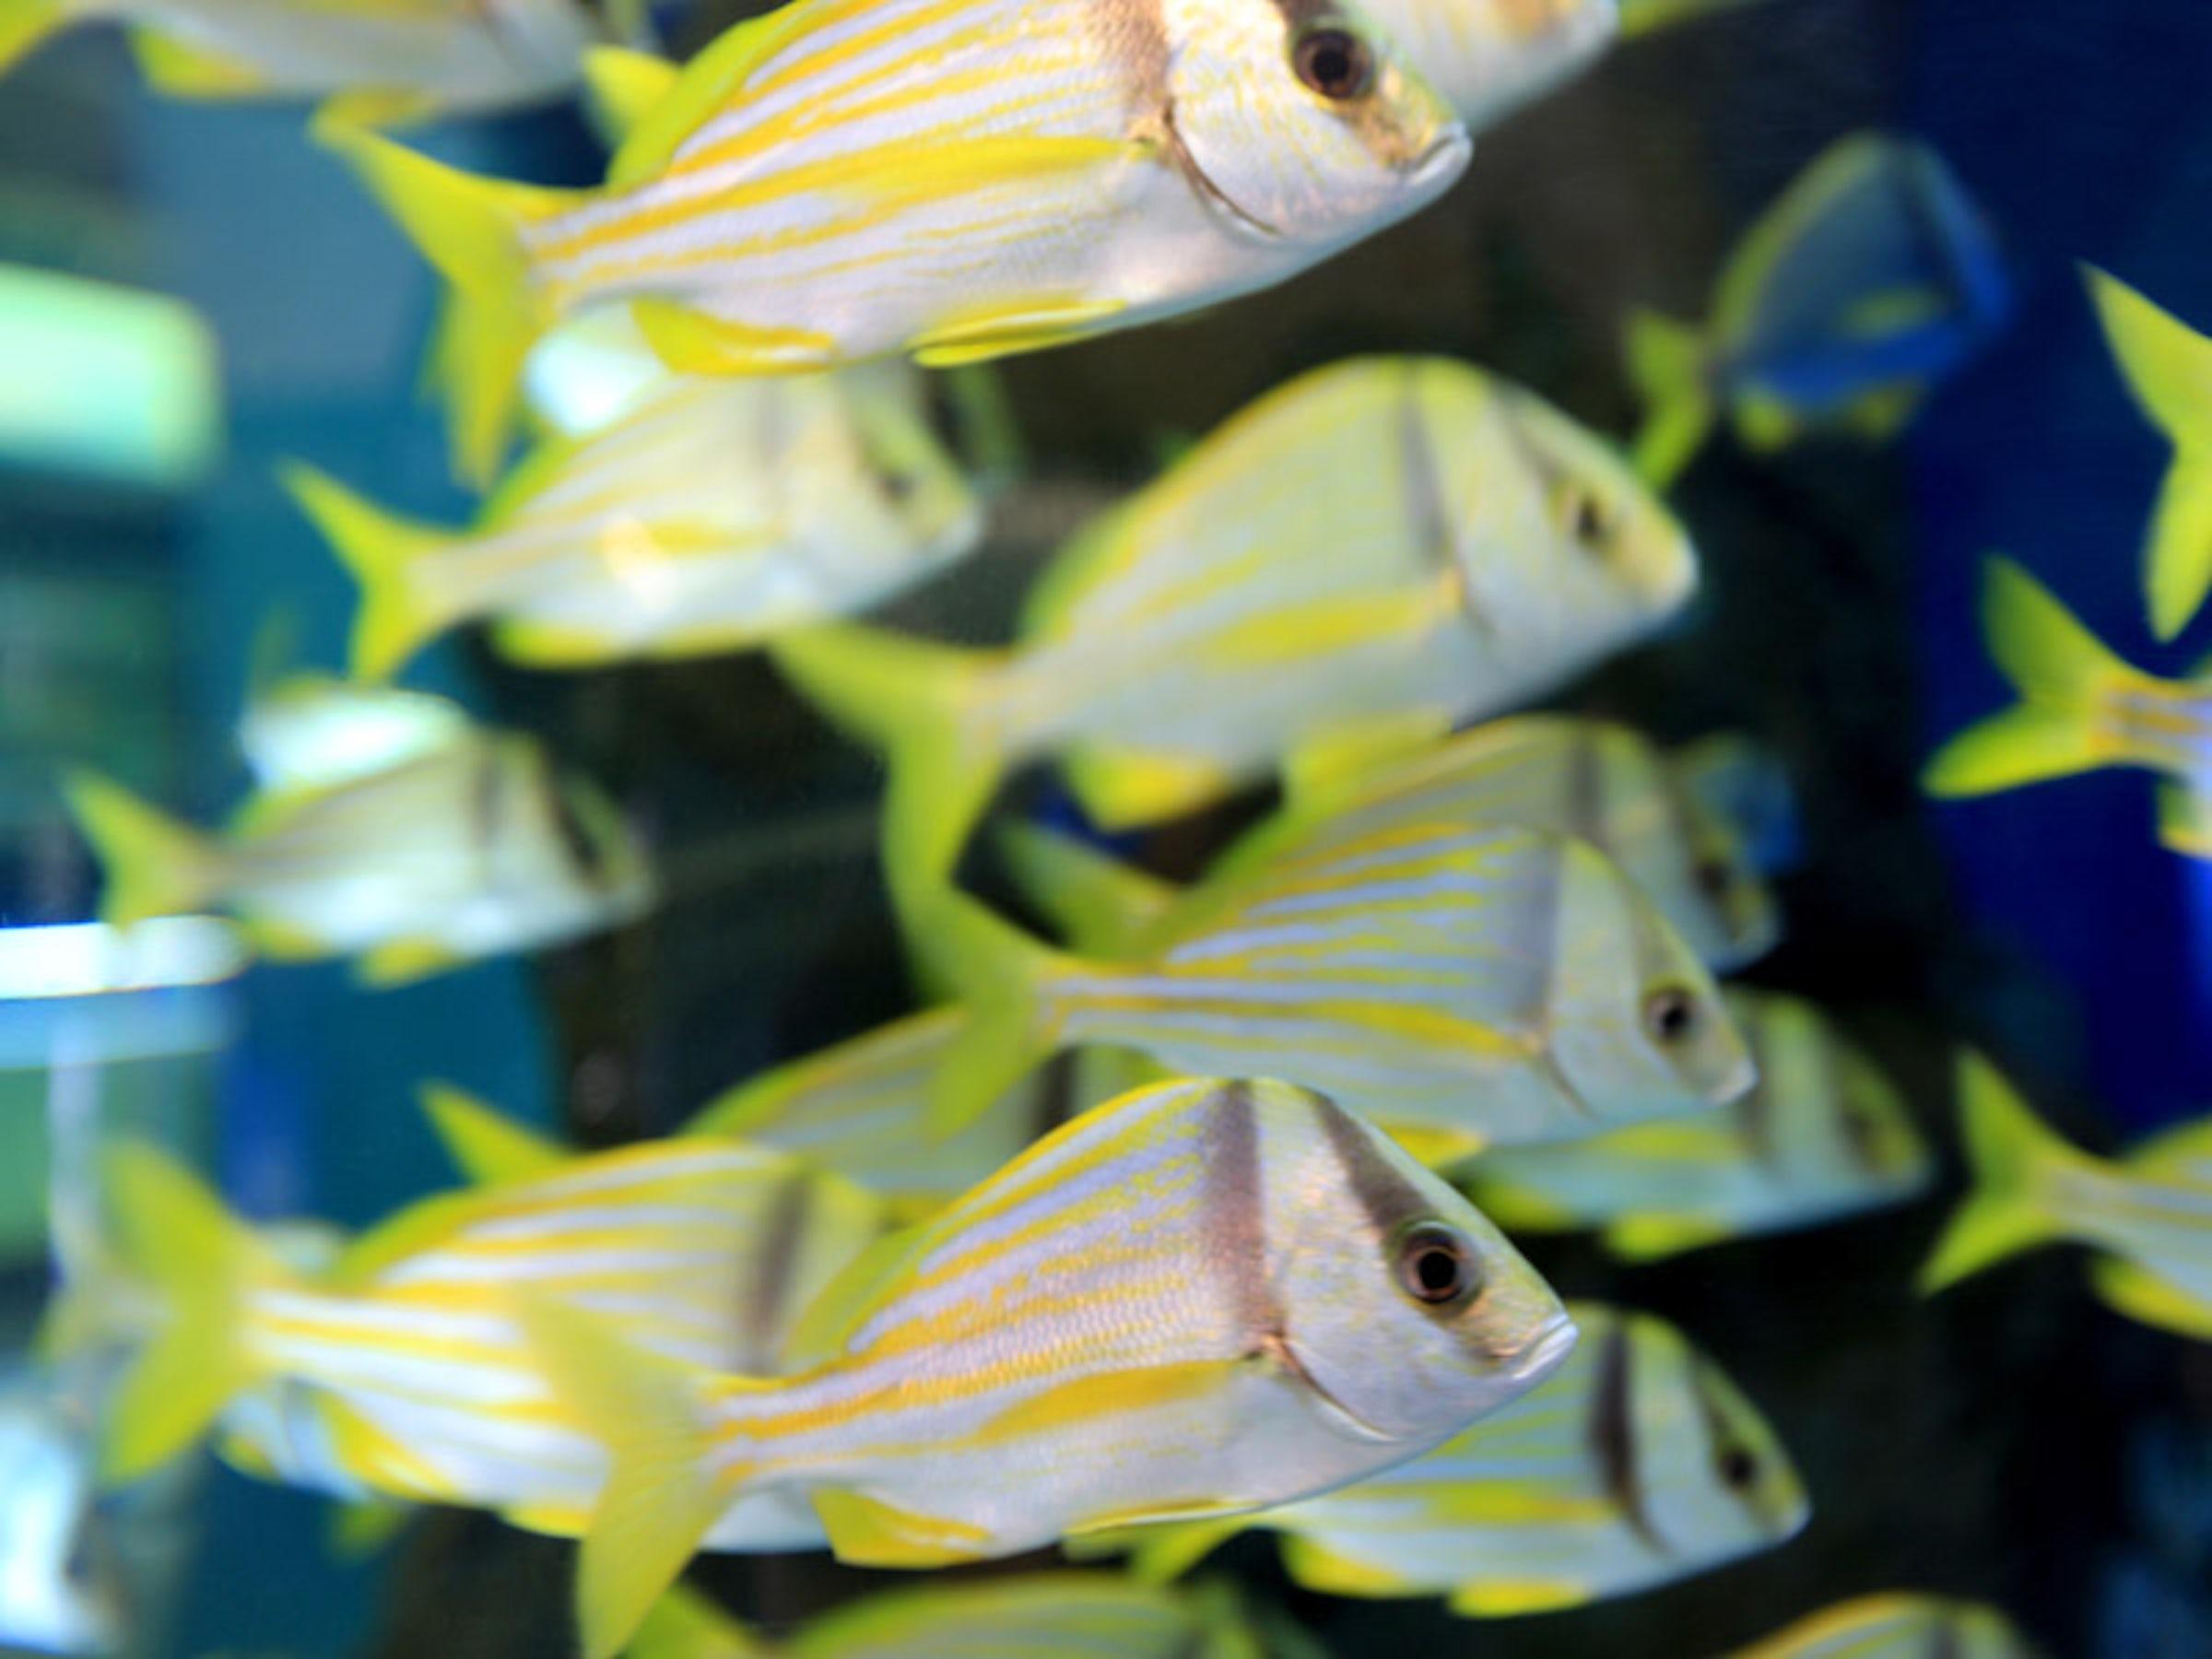 Children's Aquarium at Fair Park, The in Beyond Dallas